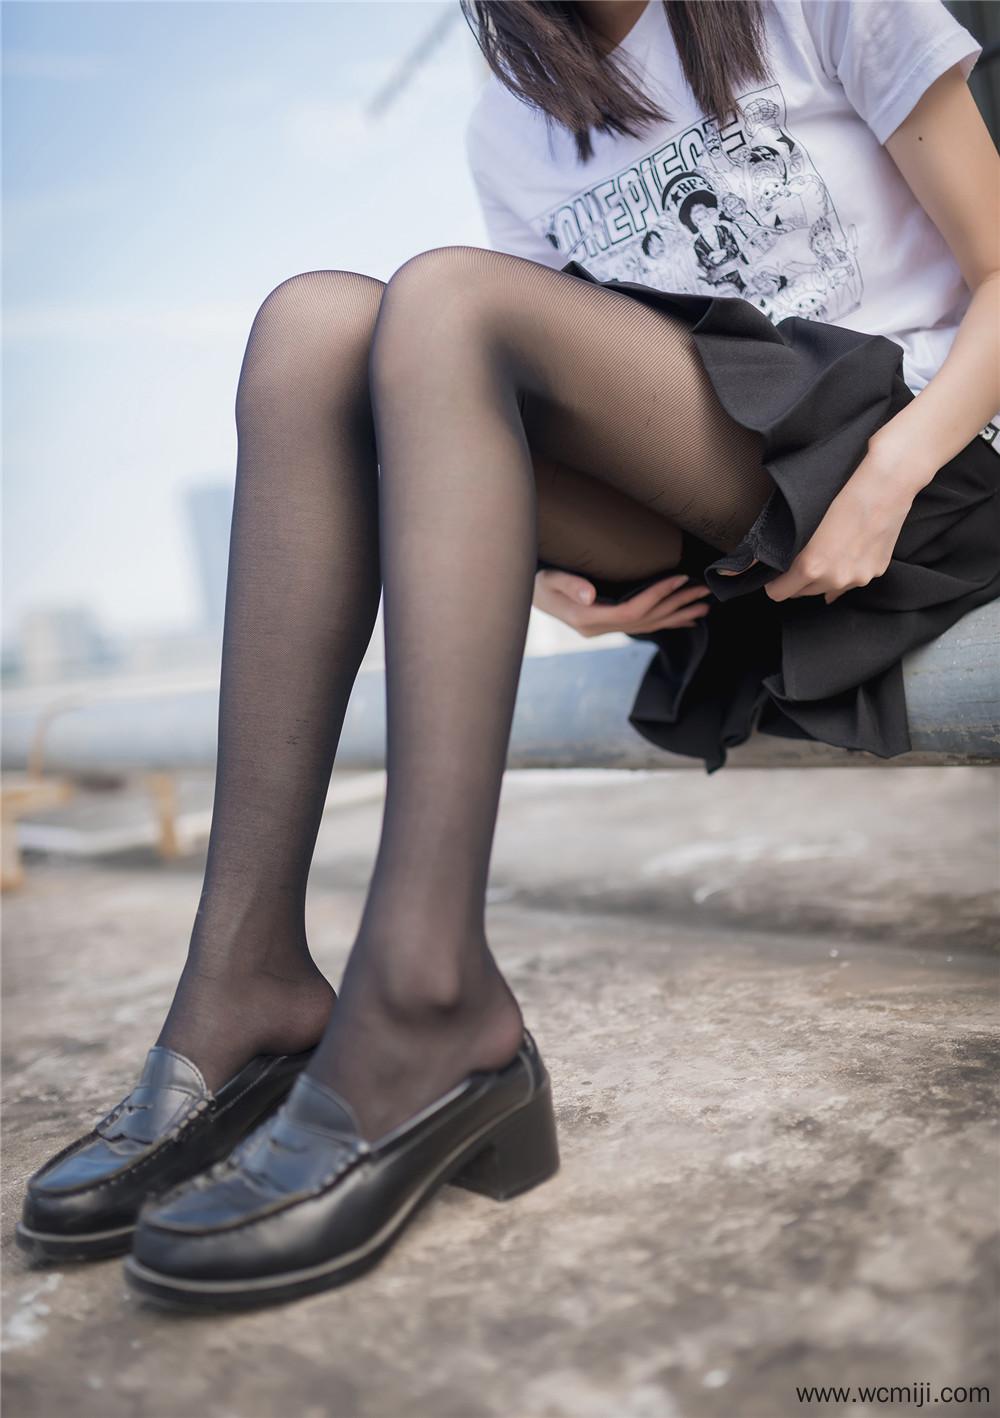 【私拍】【少女】学校天台的黑丝少女制服私房照【45P】 X丝玉足